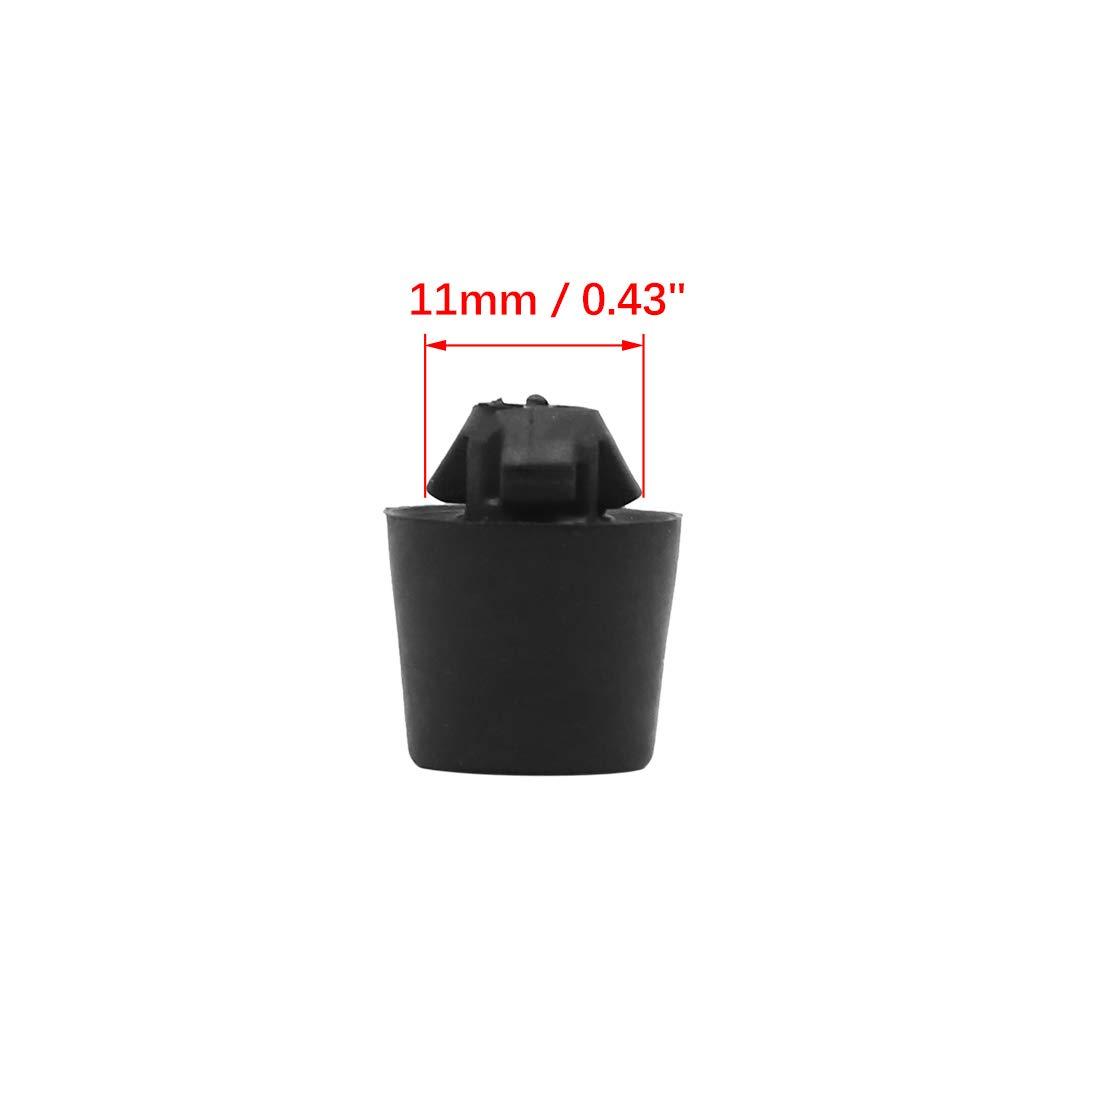 X AUTOHAUX Montage M/émoire Tampon Bloc Caoutchouc Amortisseur pour Capot Voiture 16.2 X 20mm 2pcs